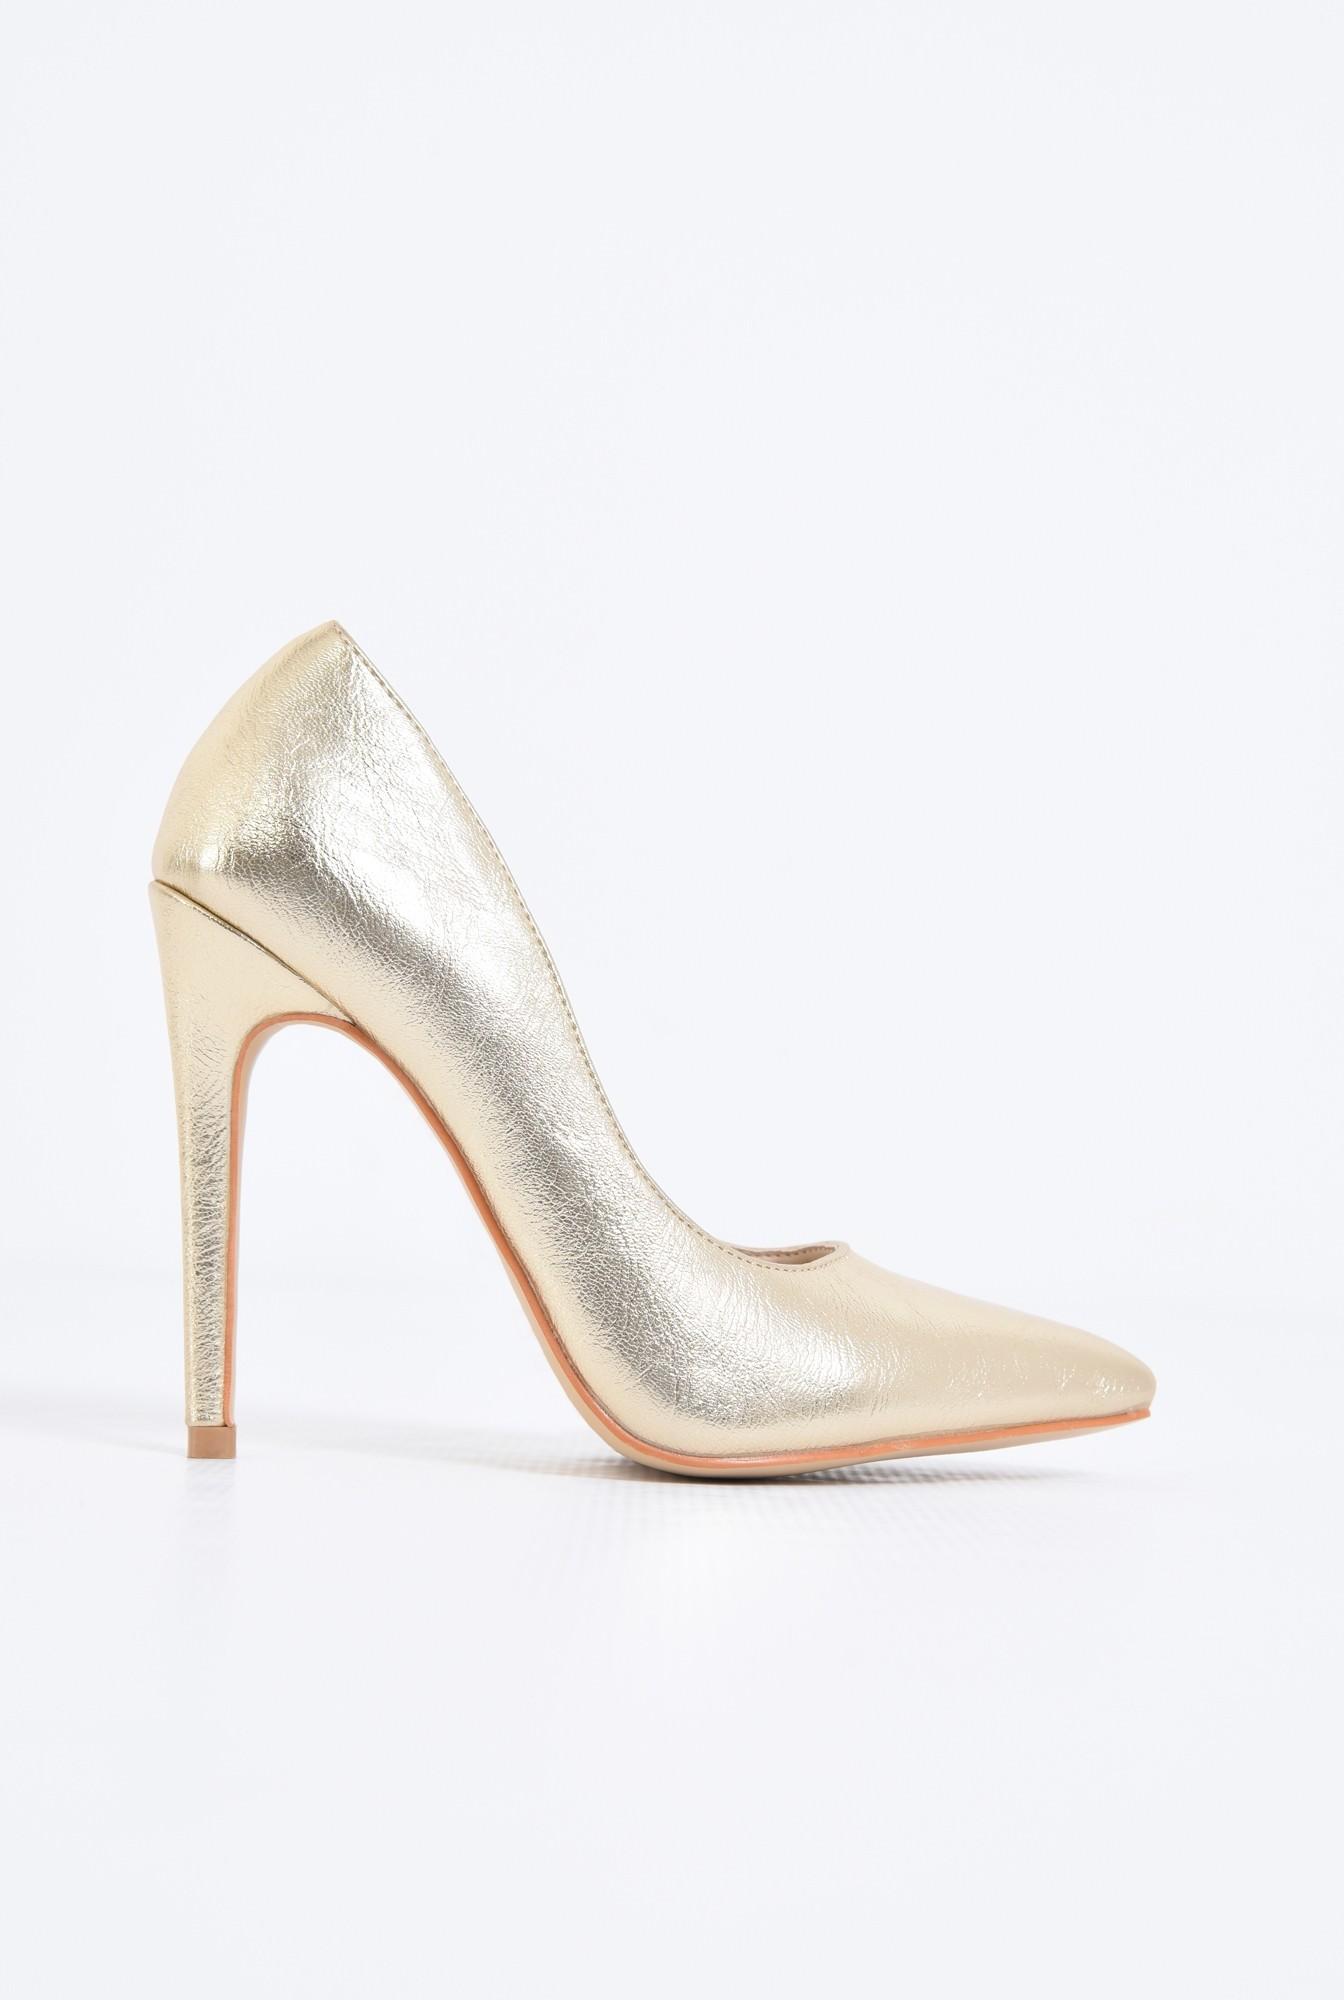 0 - pantofi eleganti, aurii, toc inalt